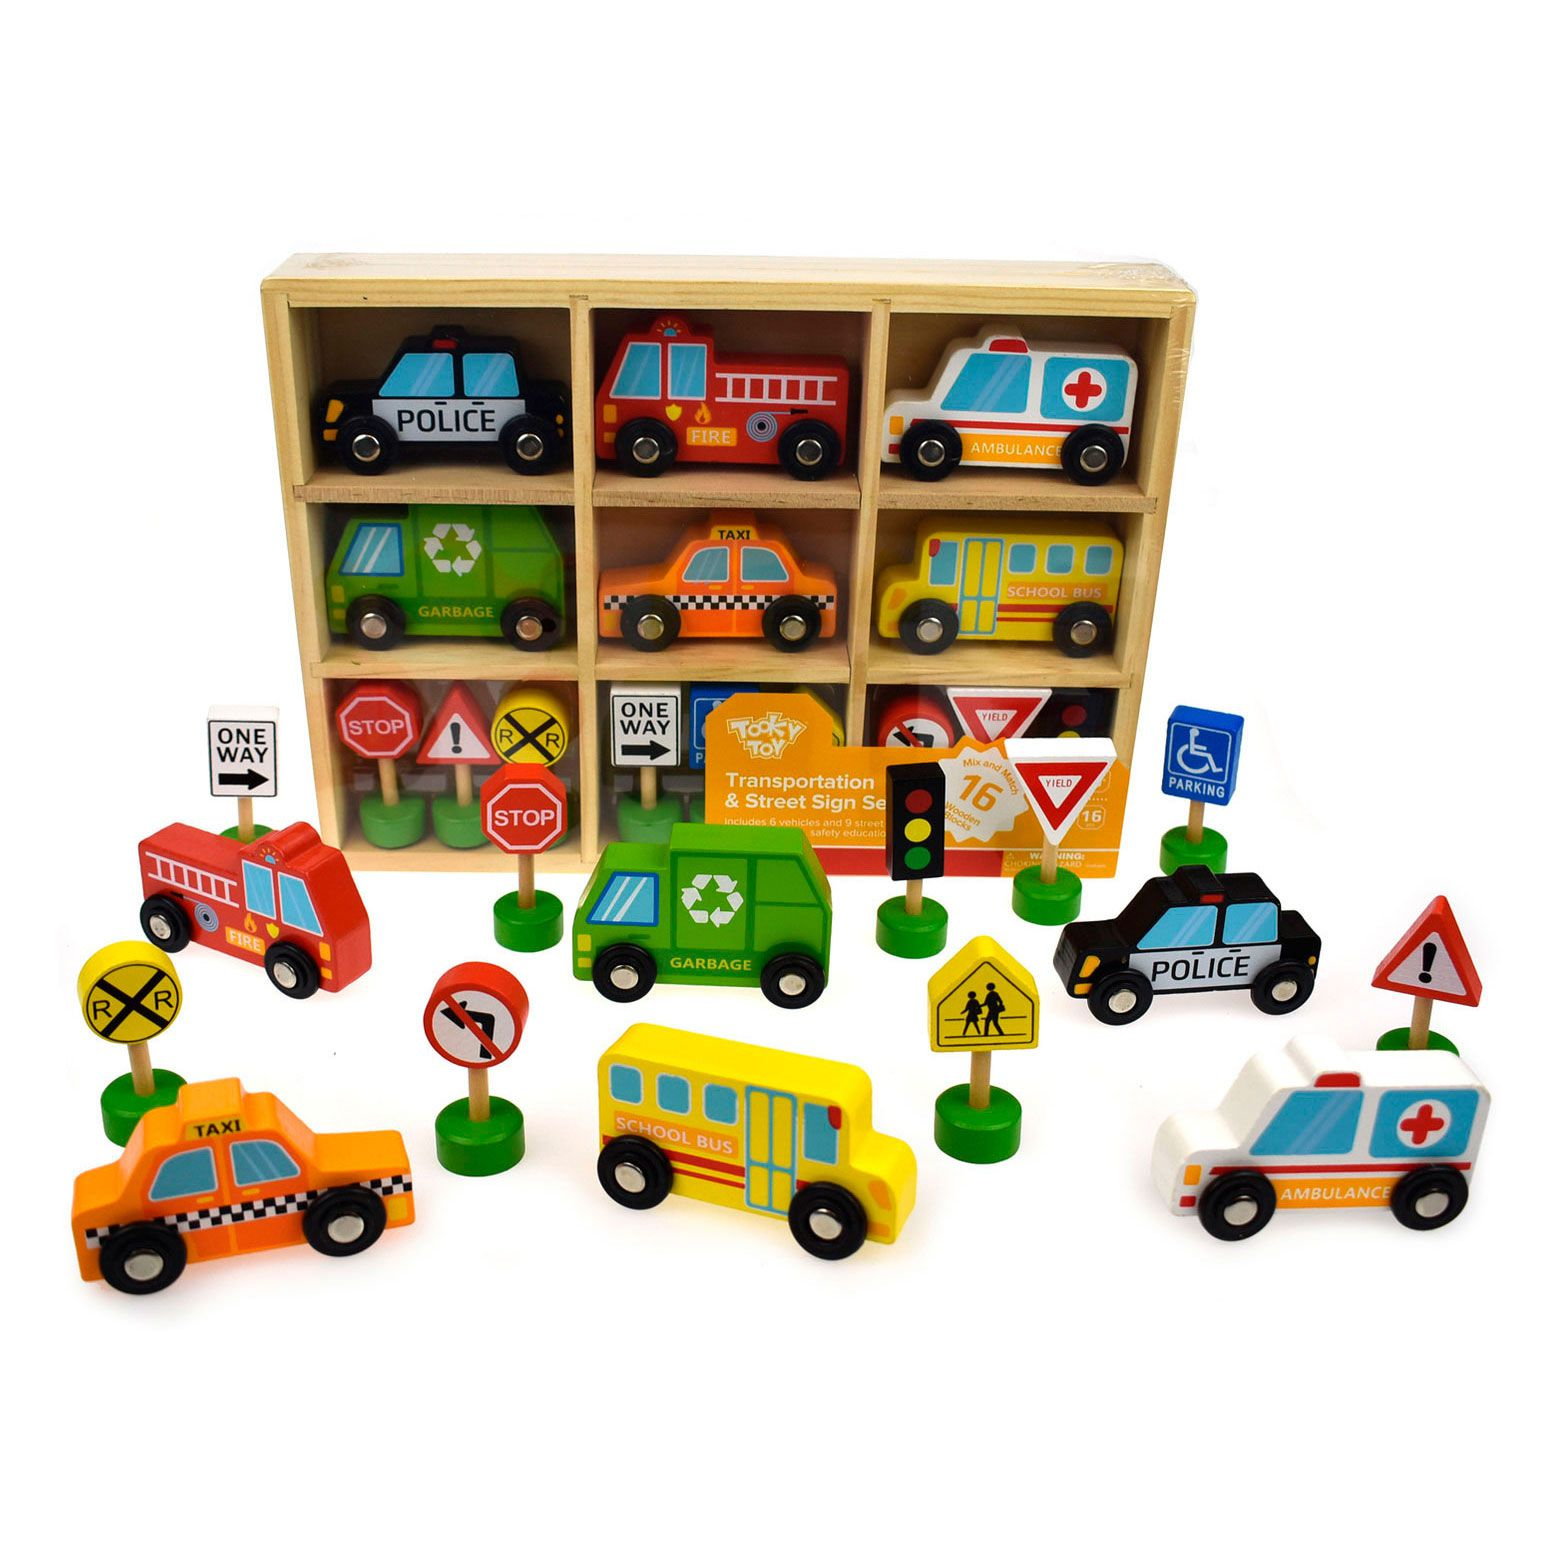 Carrinhos e Placas de Trânsito em Madeira - Tooky Toy